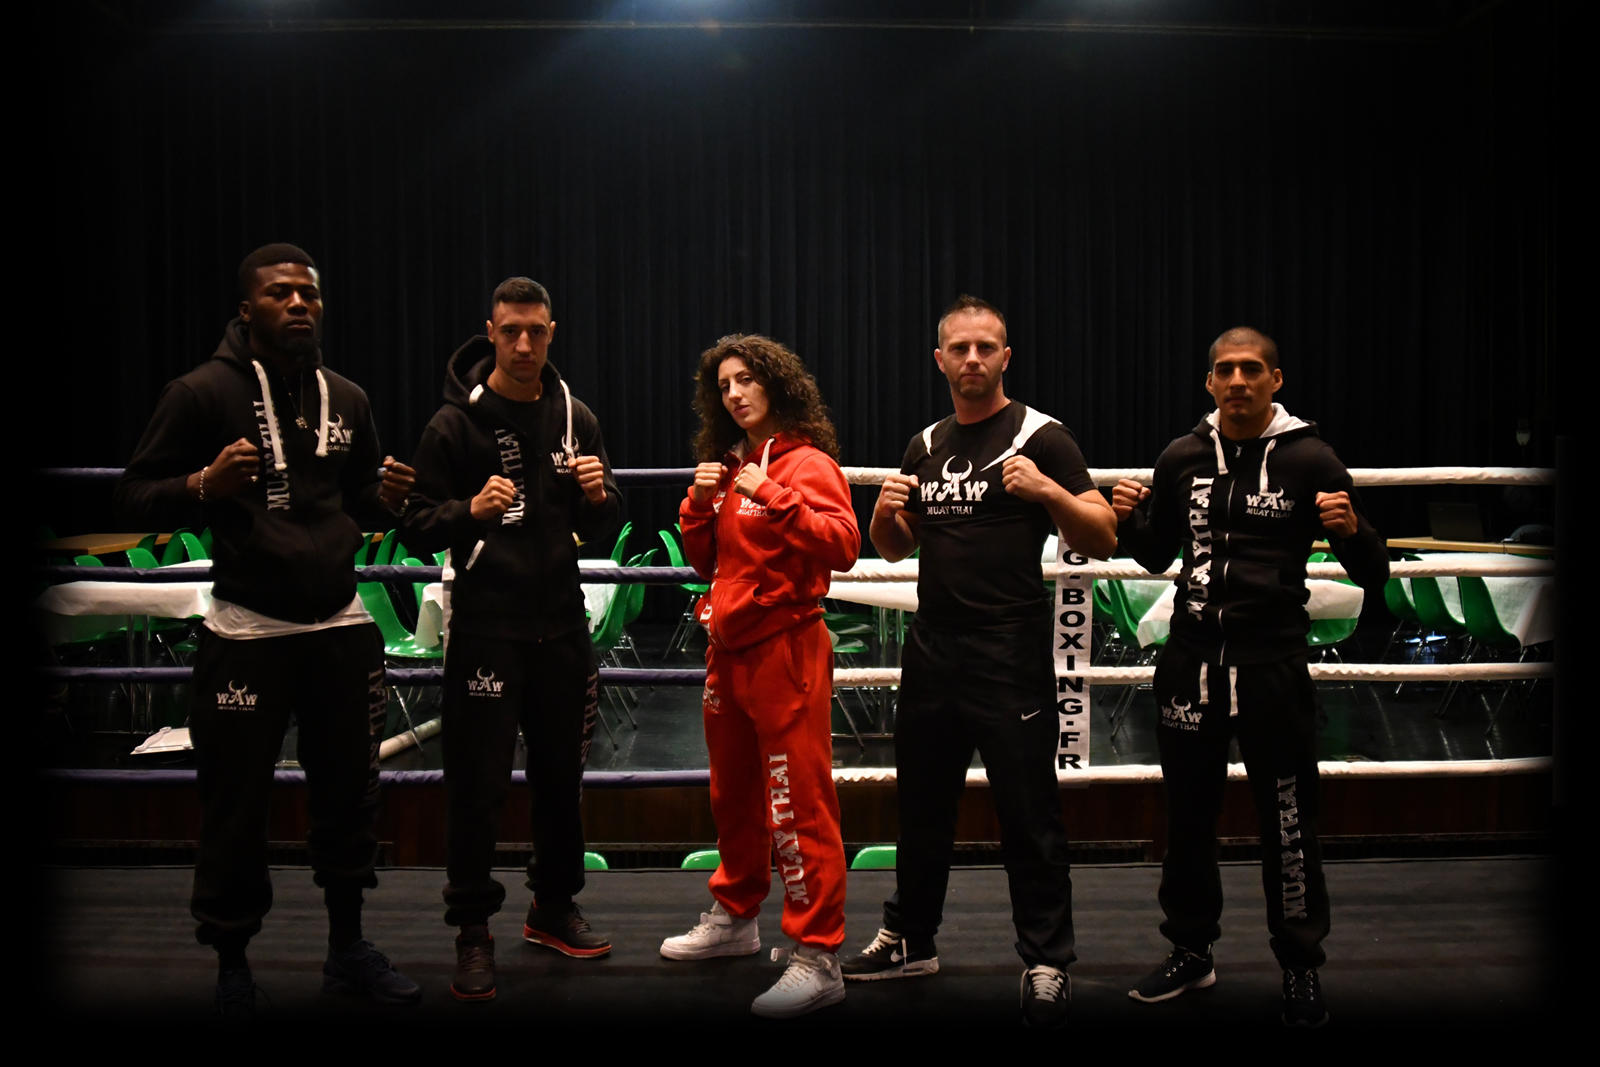 nos cours de boxe